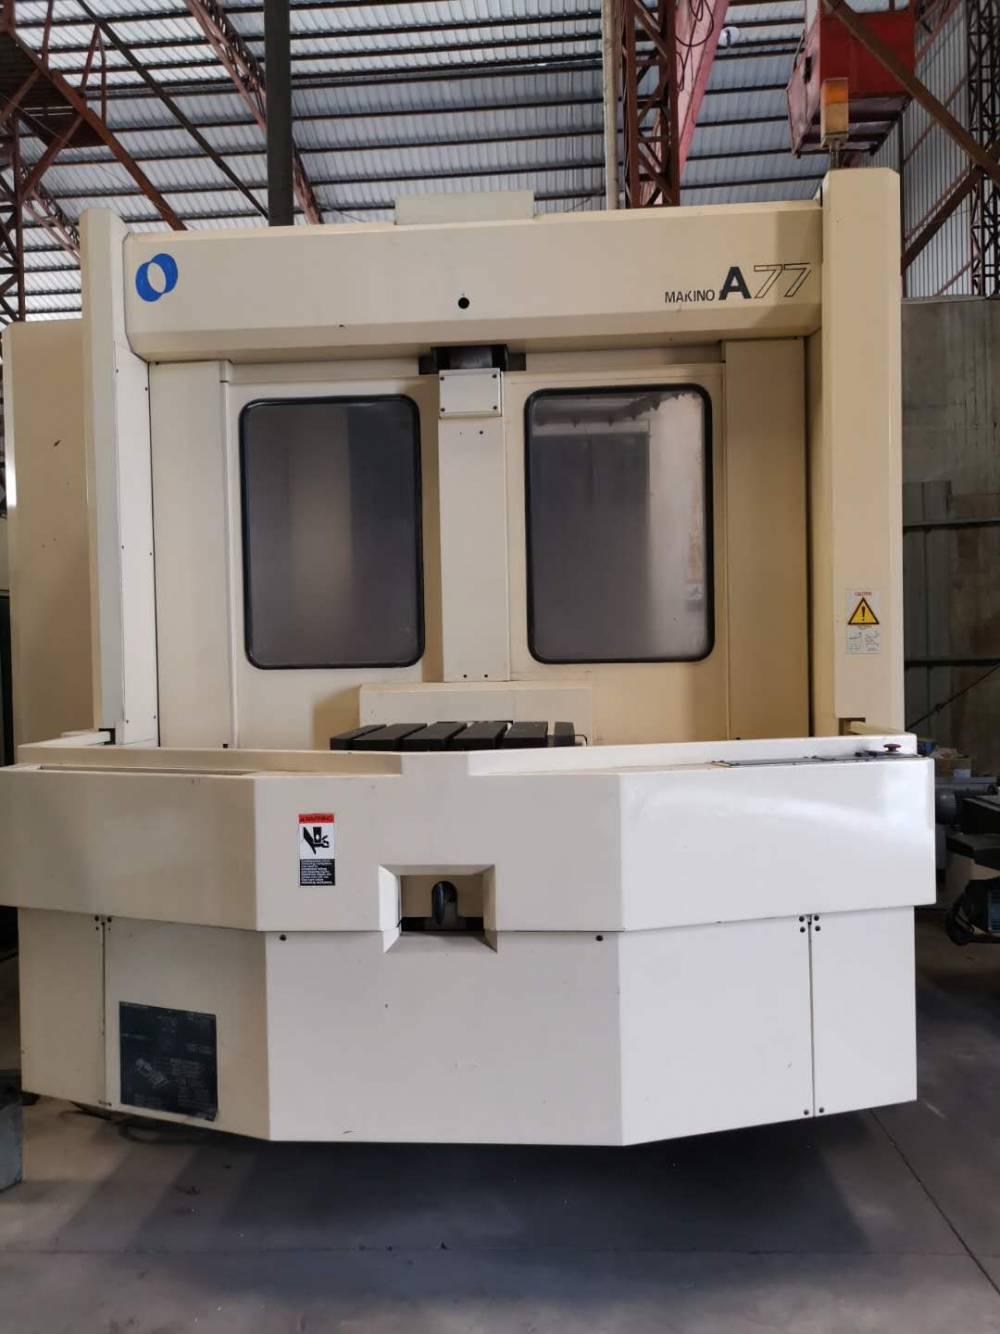 日本牧野双工位630卧式加工中心A77